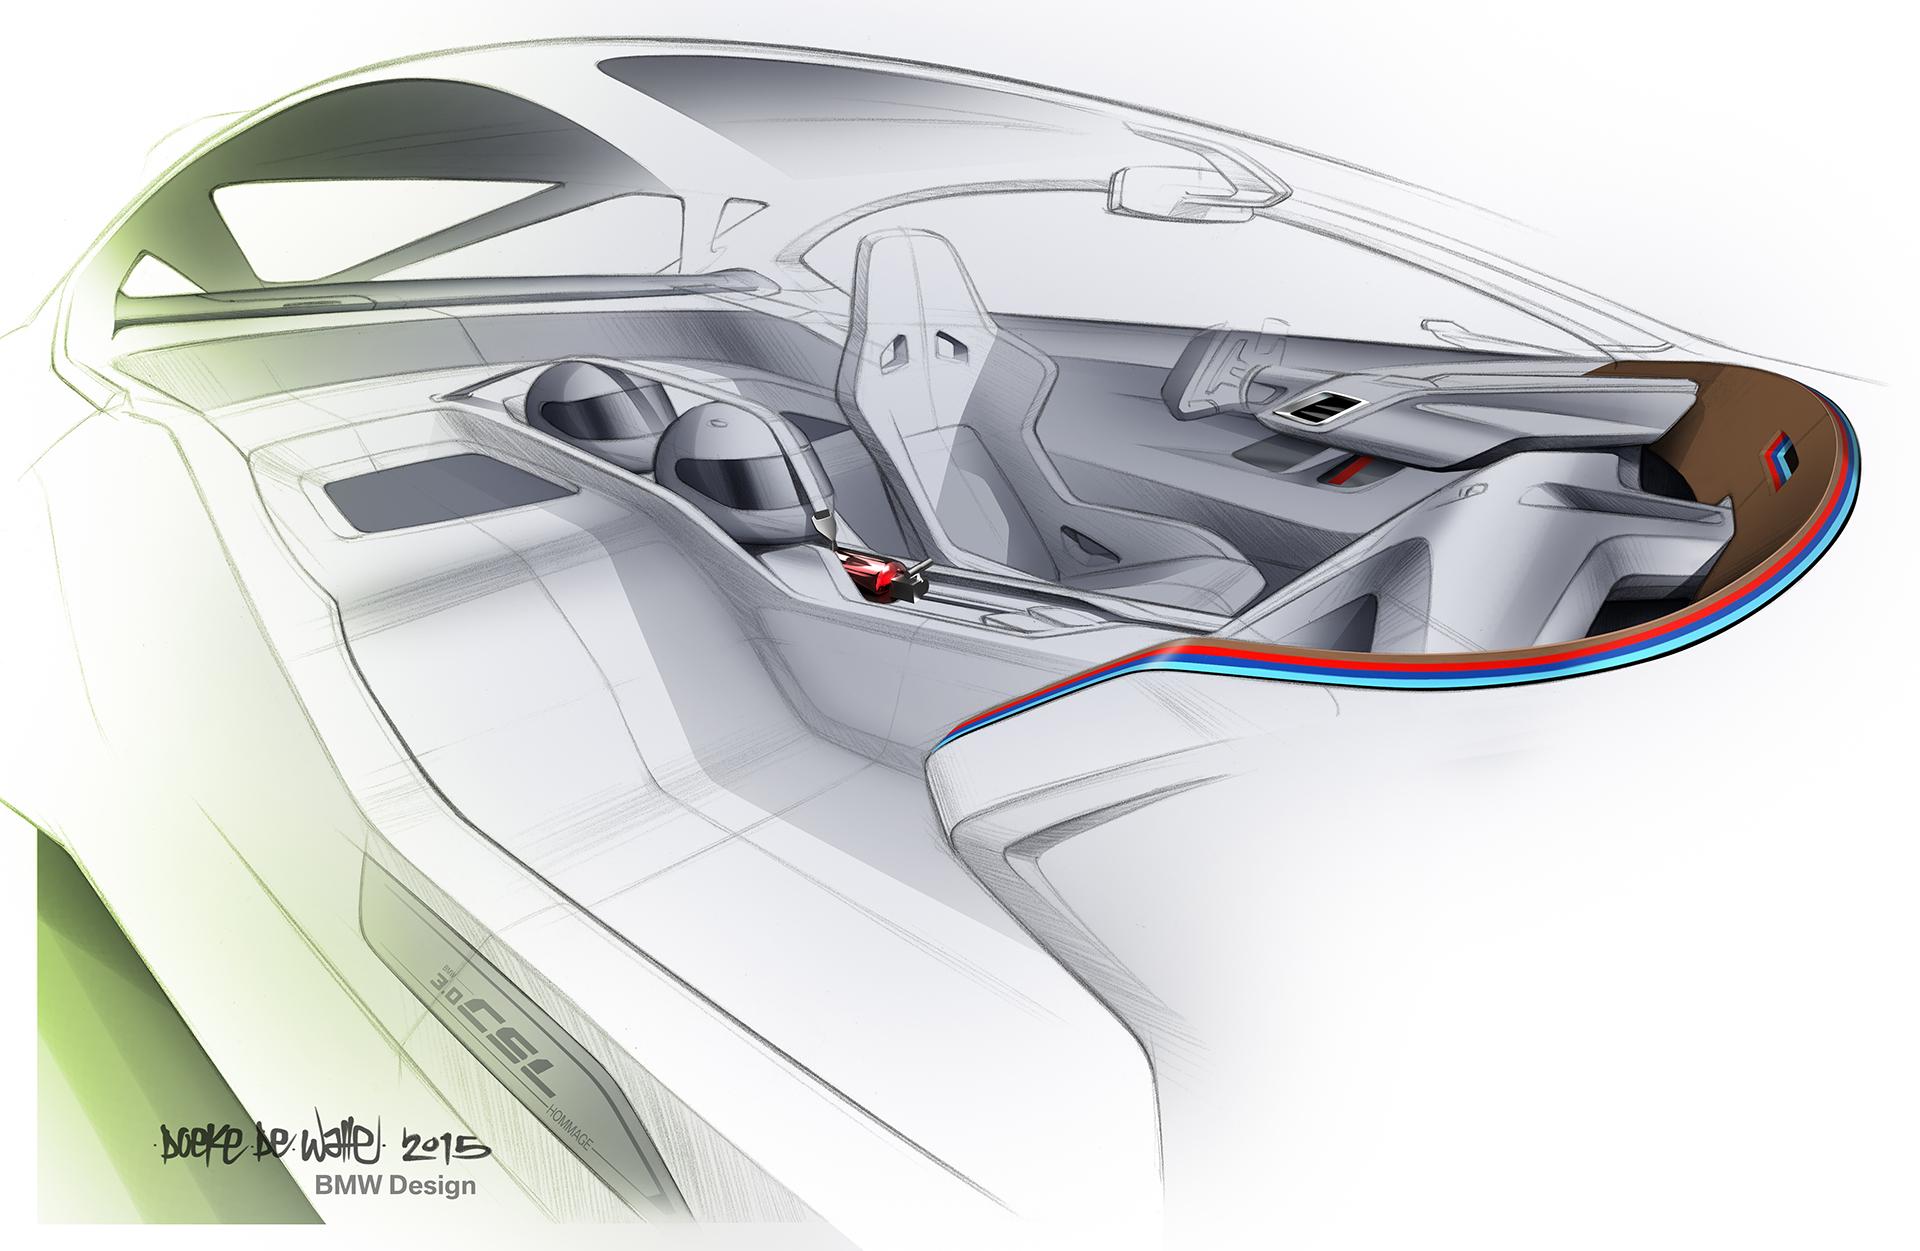 BMW 3.0 CSL Hommage - sketch interior